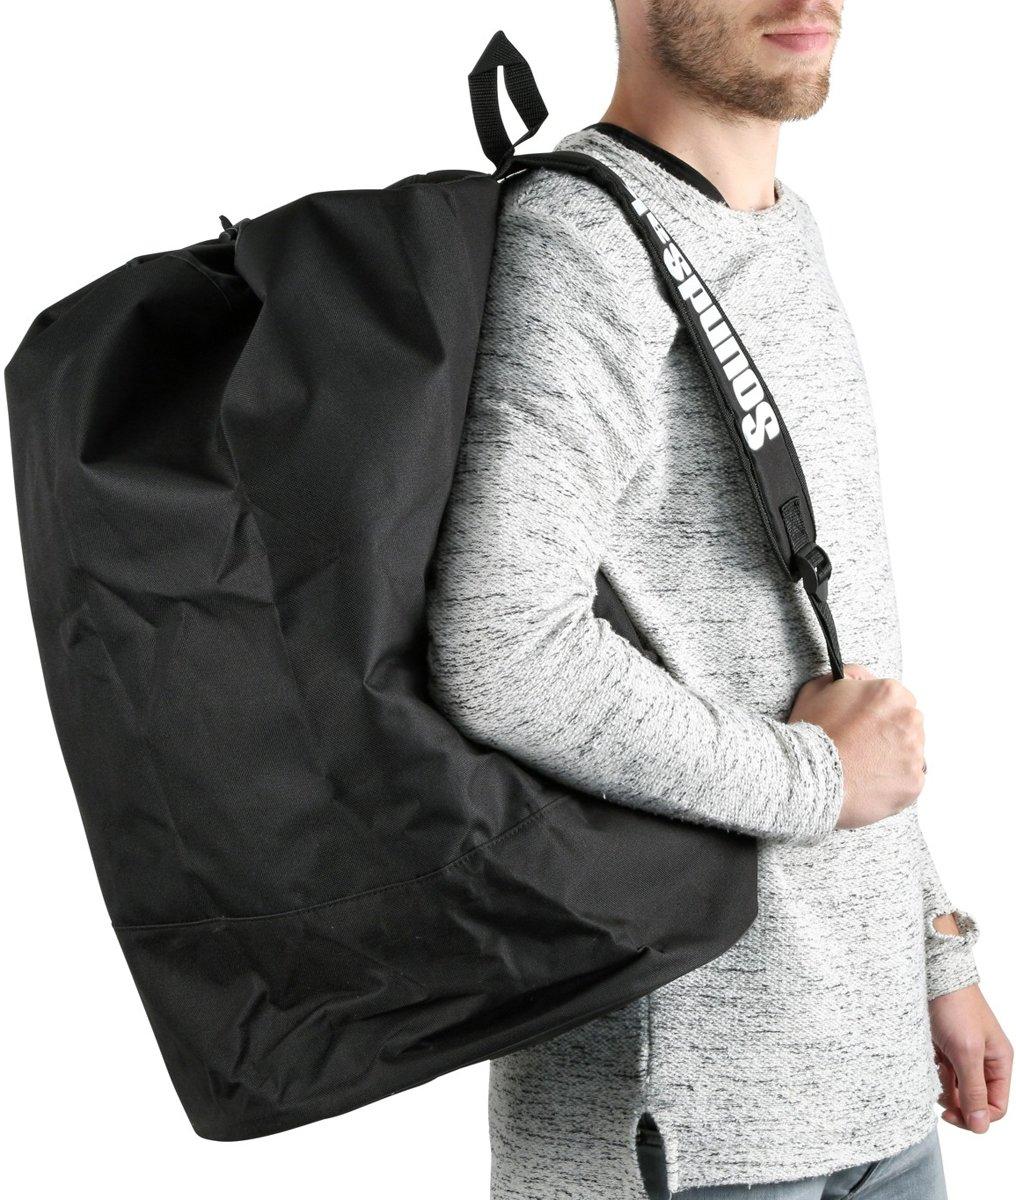 SoundSak mini Universele tas voor speakers en accessoires kopen